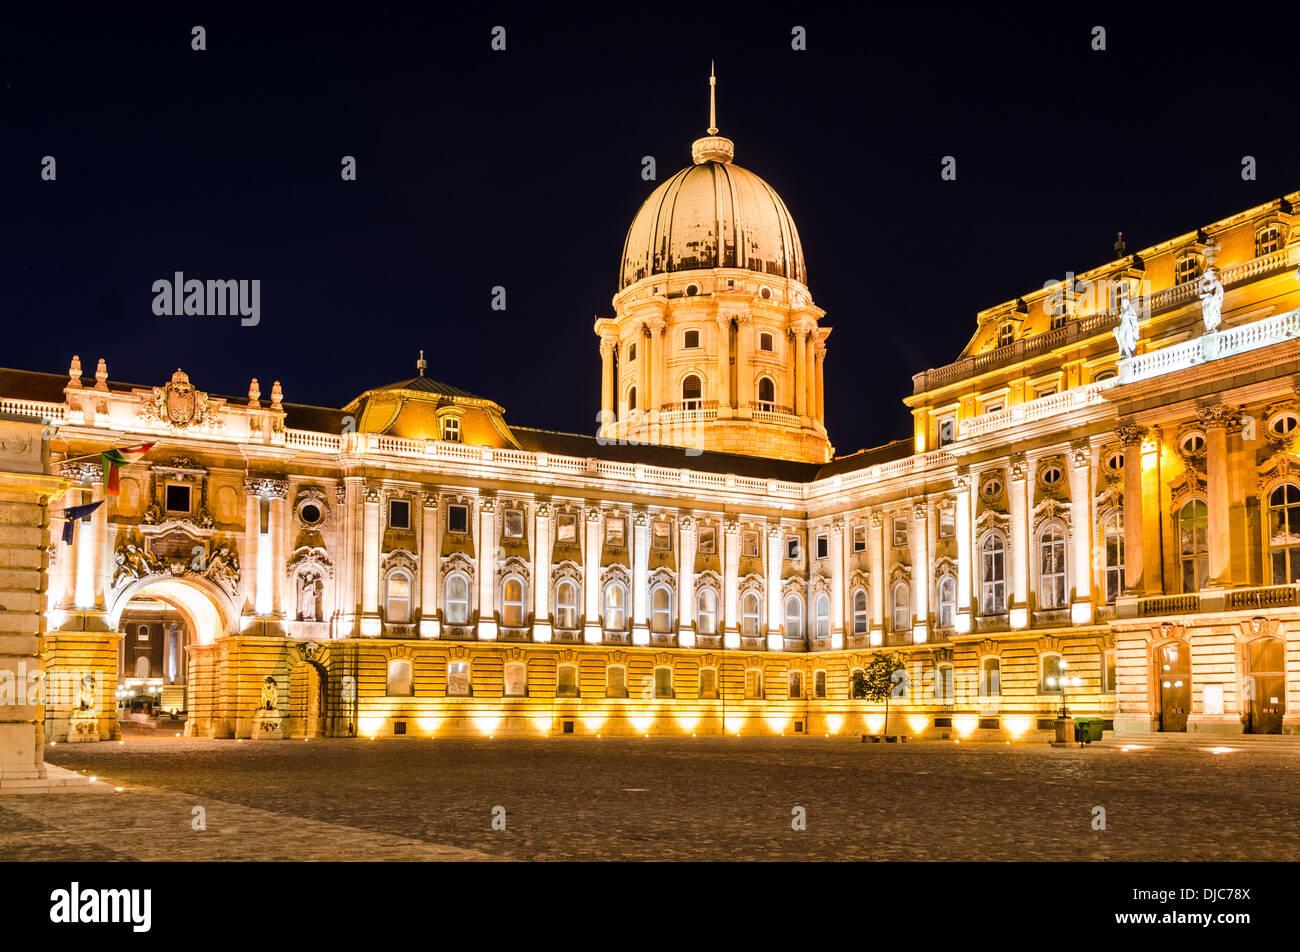 Château de Buda a été construit sur la pointe sud de la colline du château à l'époque médiévale, célèbre pour l'architecture baroque. Budapest, Hongrie. Photo Stock